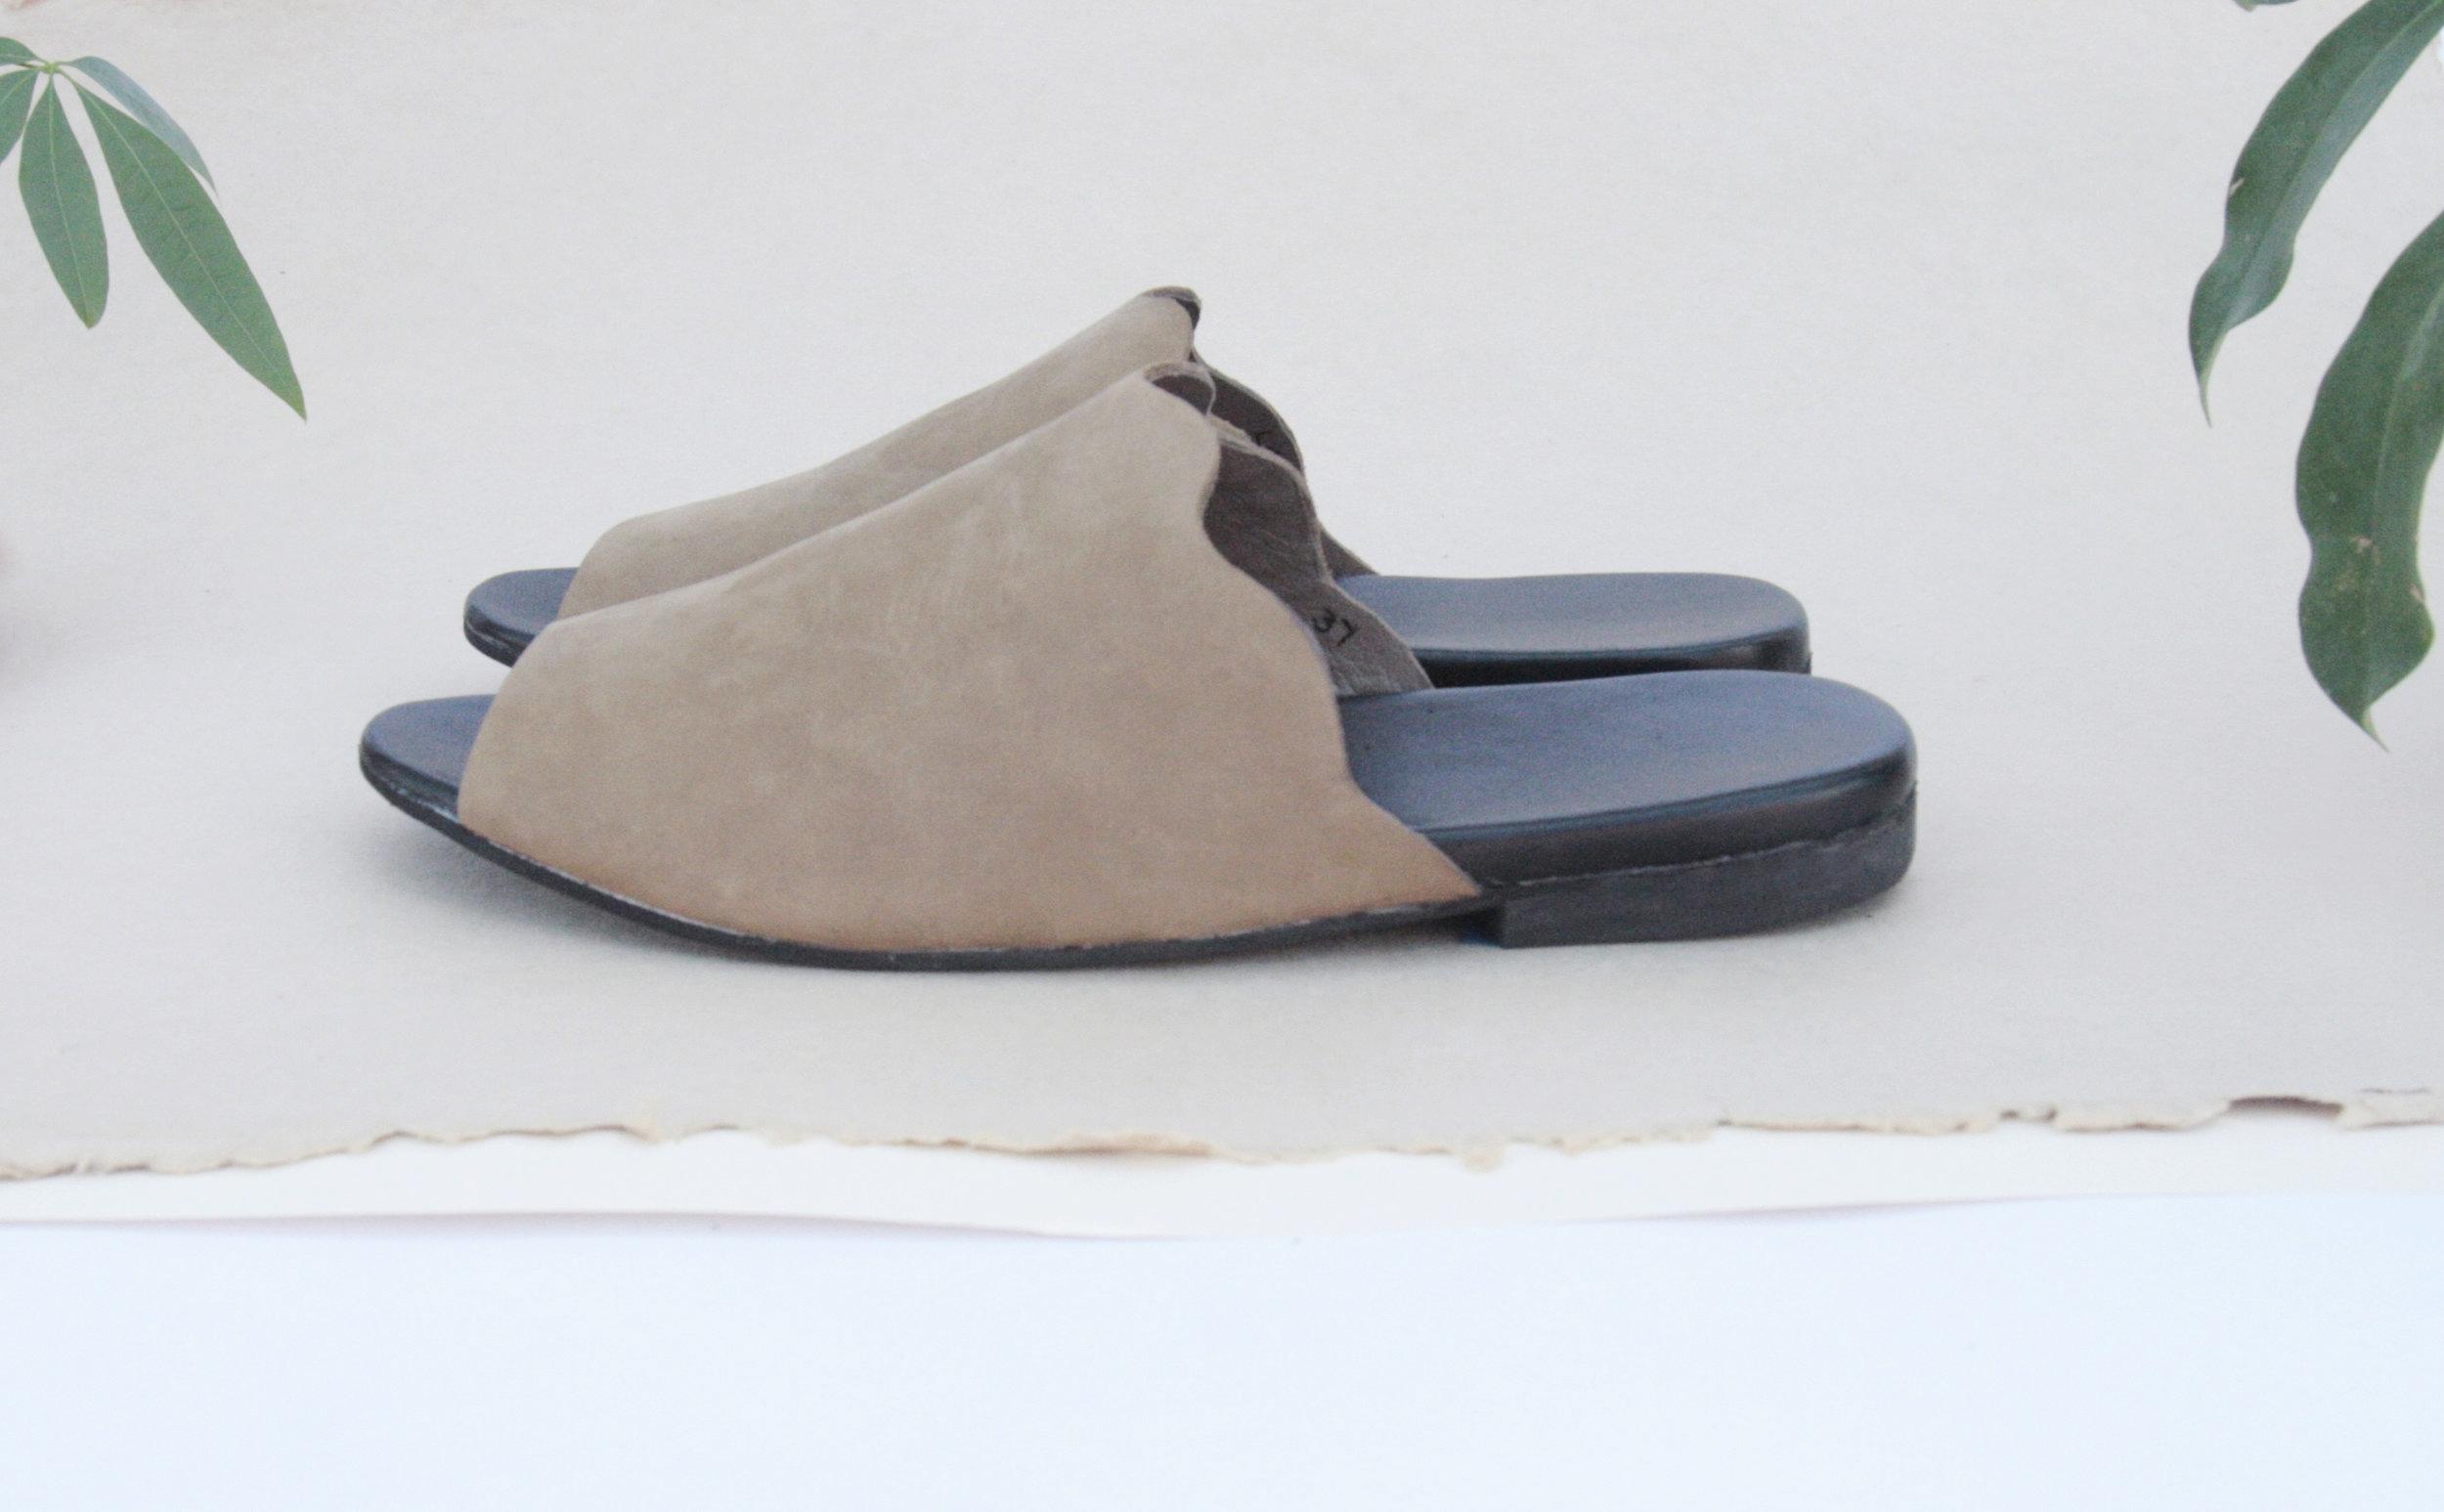 Wavvy Mule - Custom Comfort Handmade Slide